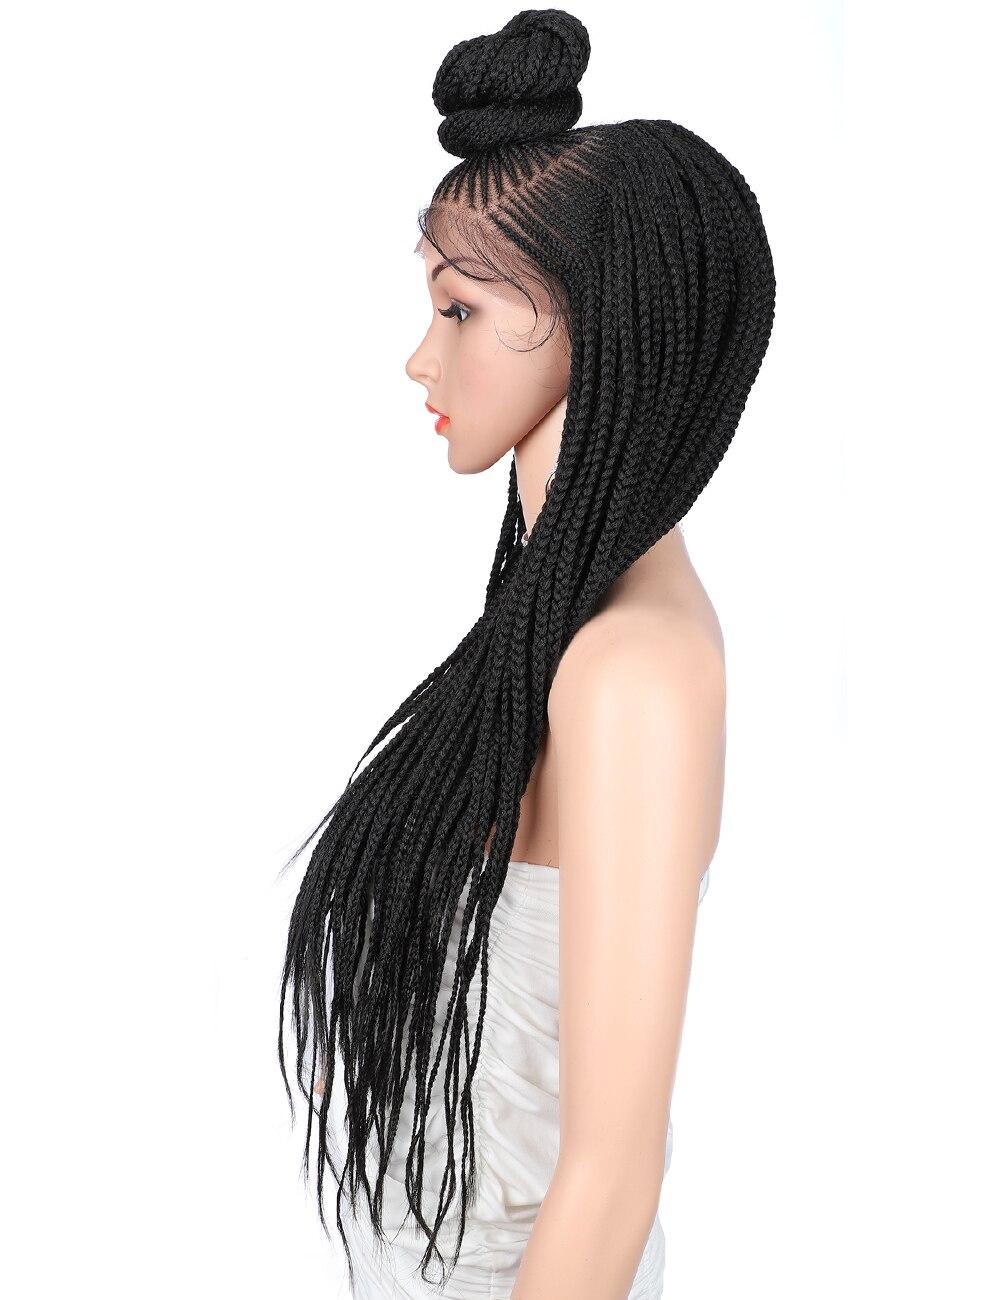 Kaylss 13x7 perucas trançadas à mão 30